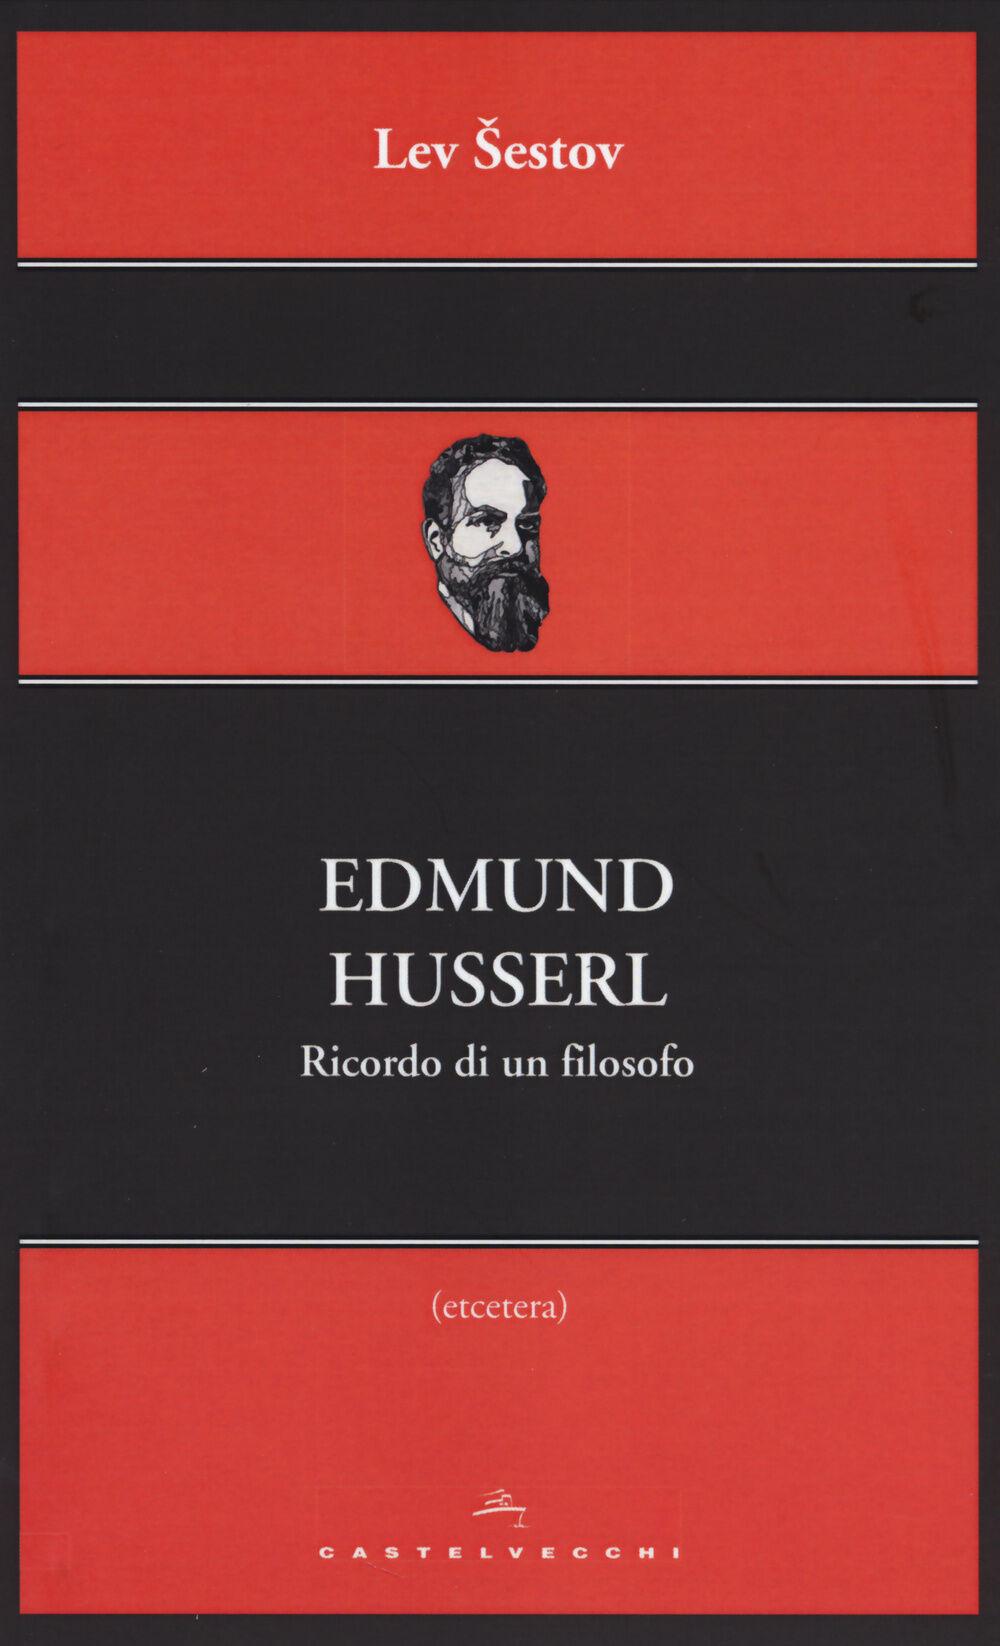 Edmund Husserl. Ricordo di un filosofo